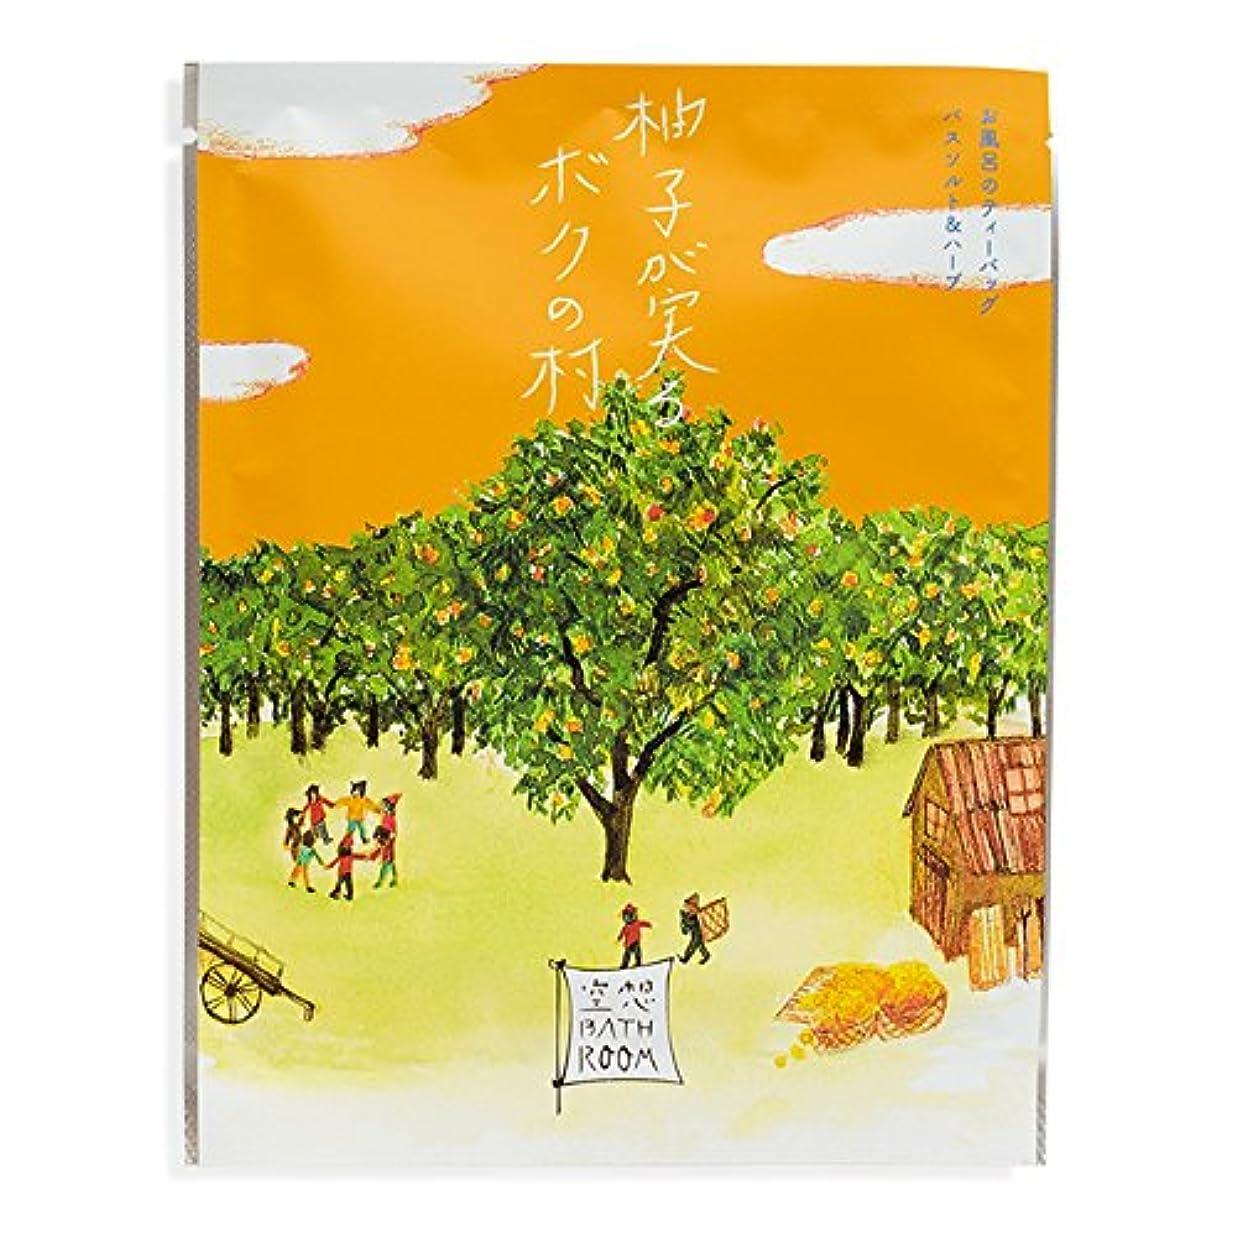 接ぎ木つかむ請求チャーリー 空想バスルーム 柚子が実るボクの村 30g